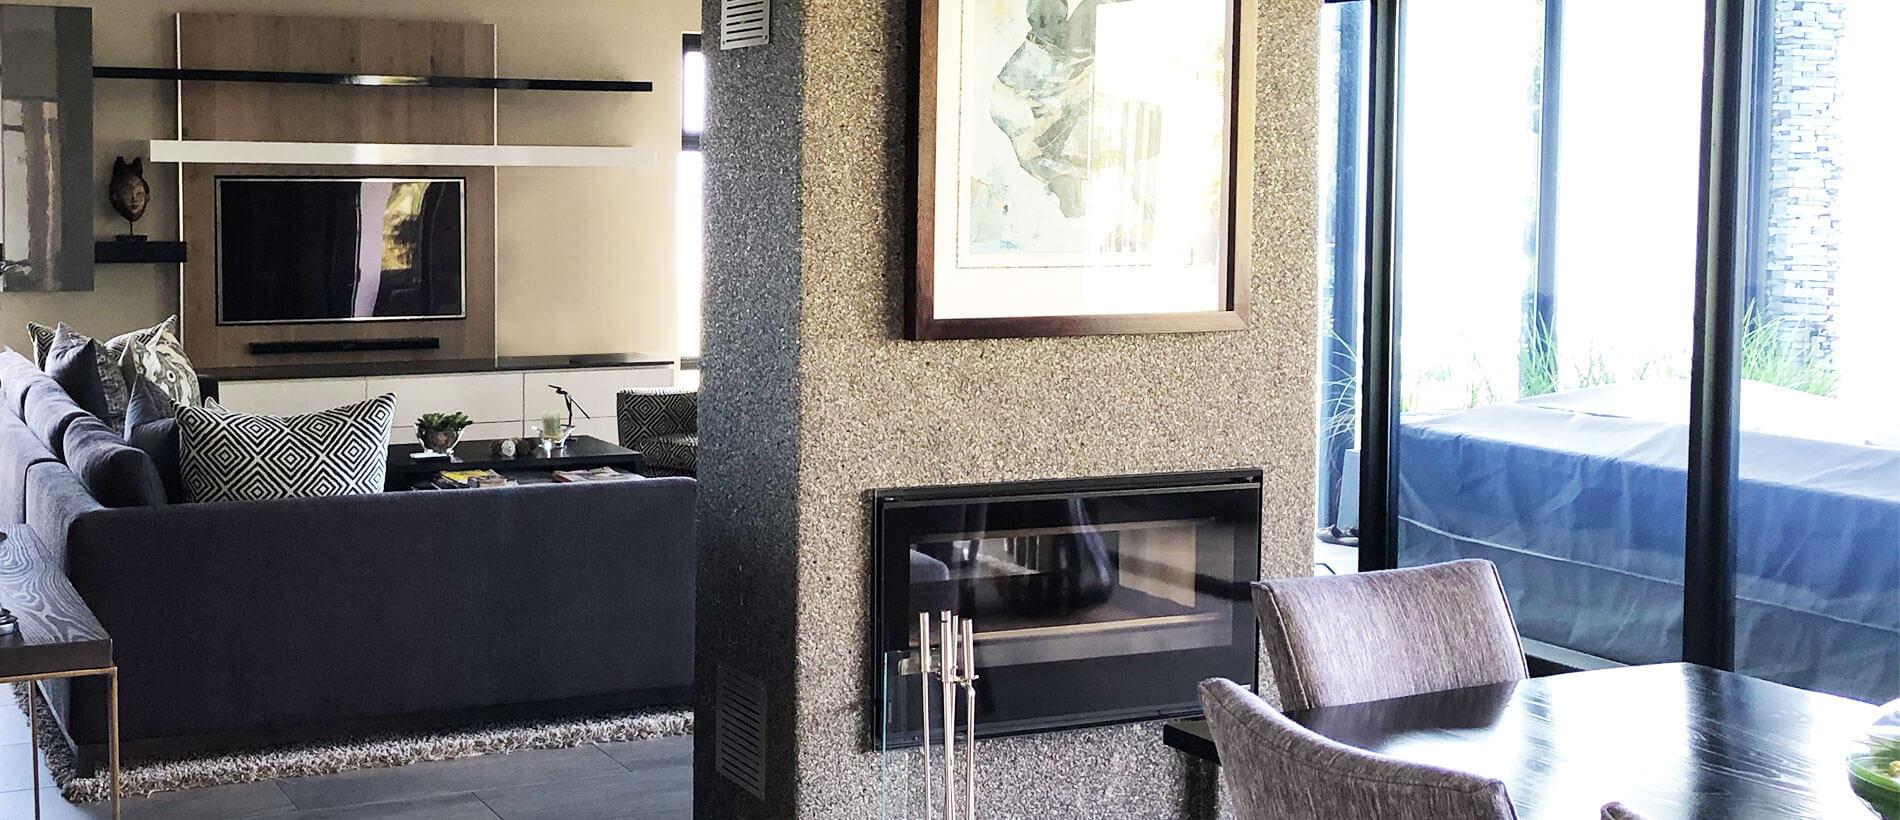 Interior Design Stilbaai Mosselbay Riversdal 3